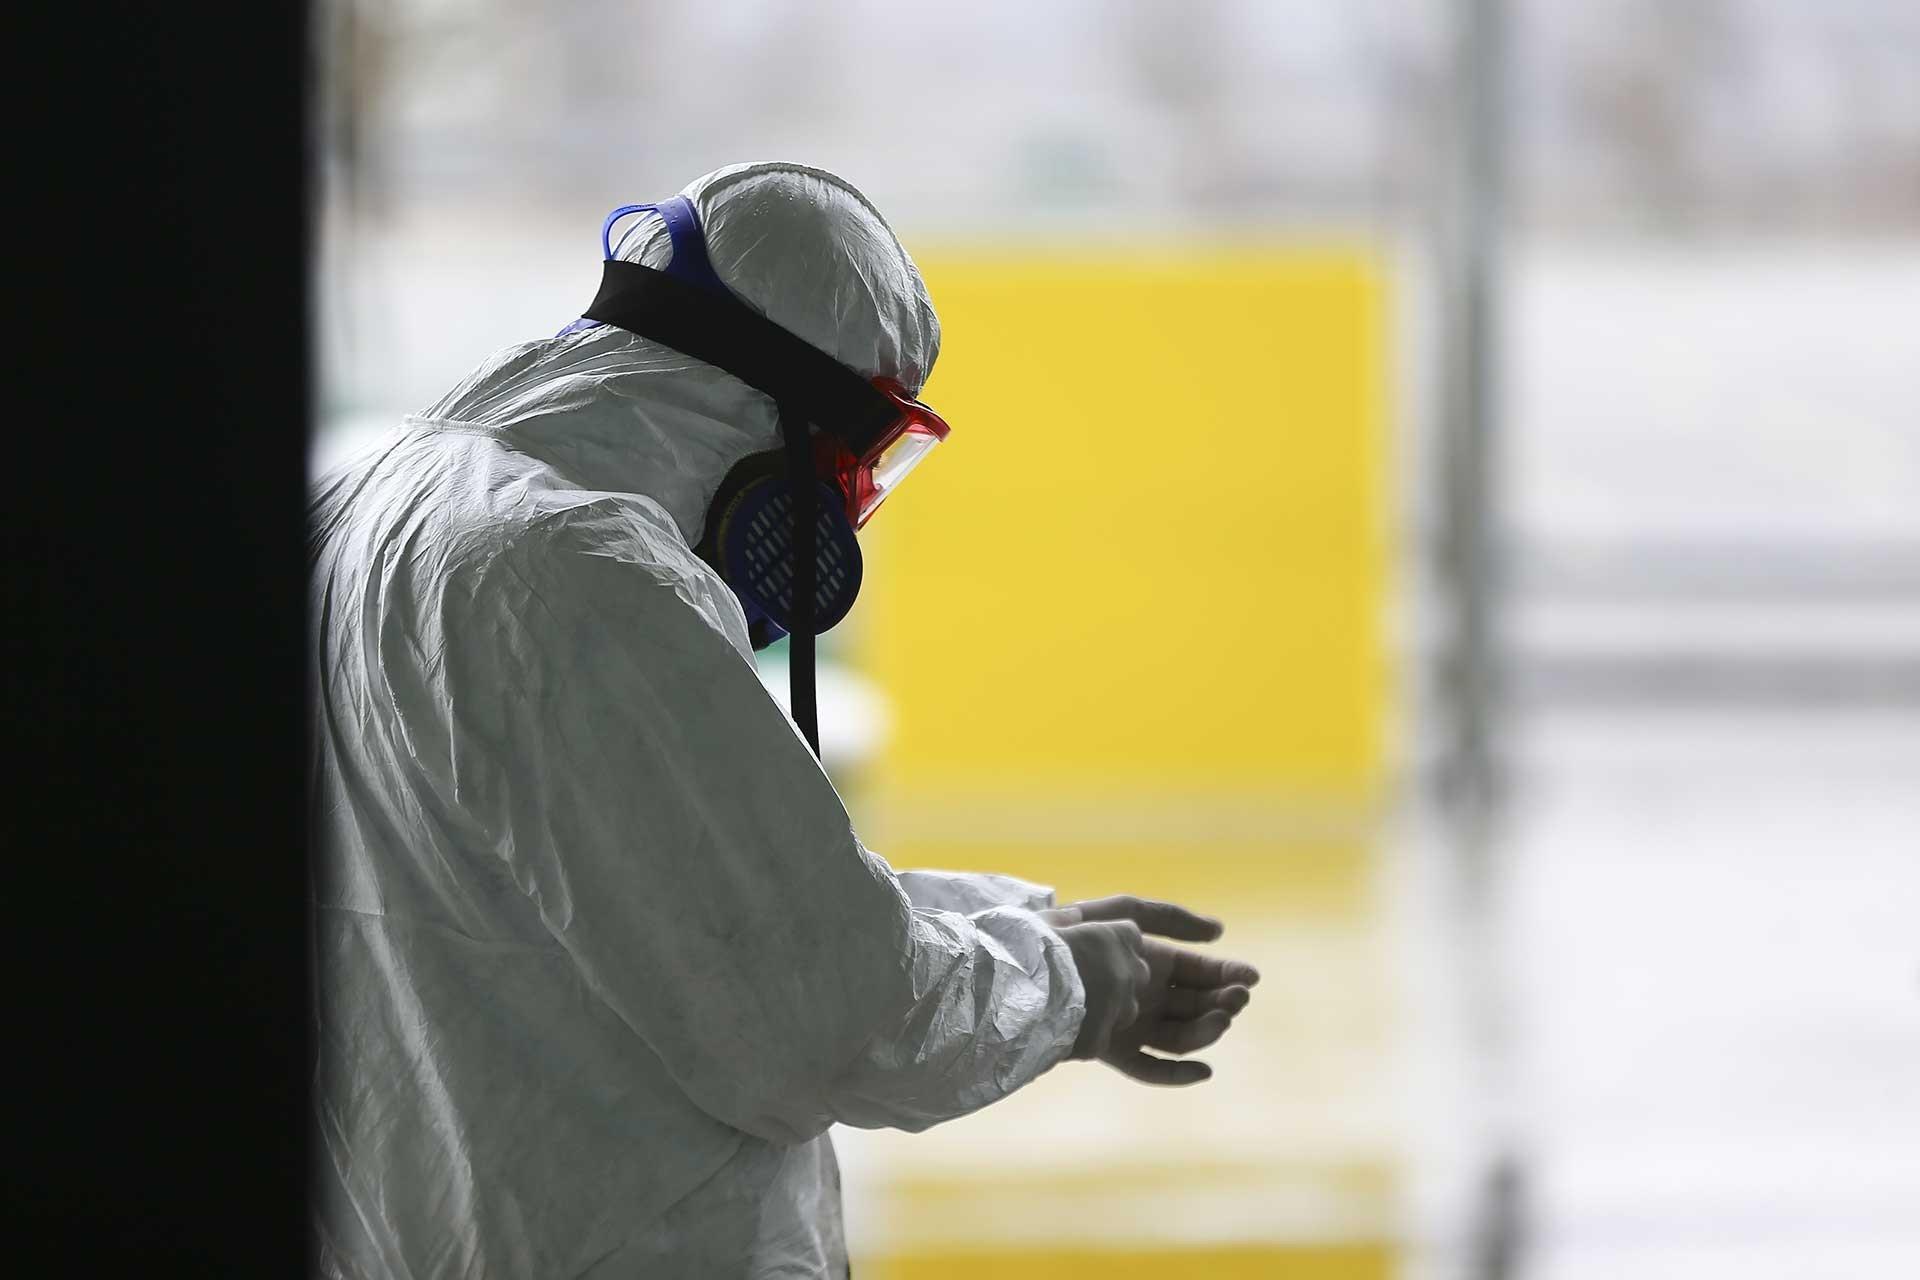 Özel kıyafetlerle Kovid-19'a karşı dezenfekte çalışması yapan bir görevli.